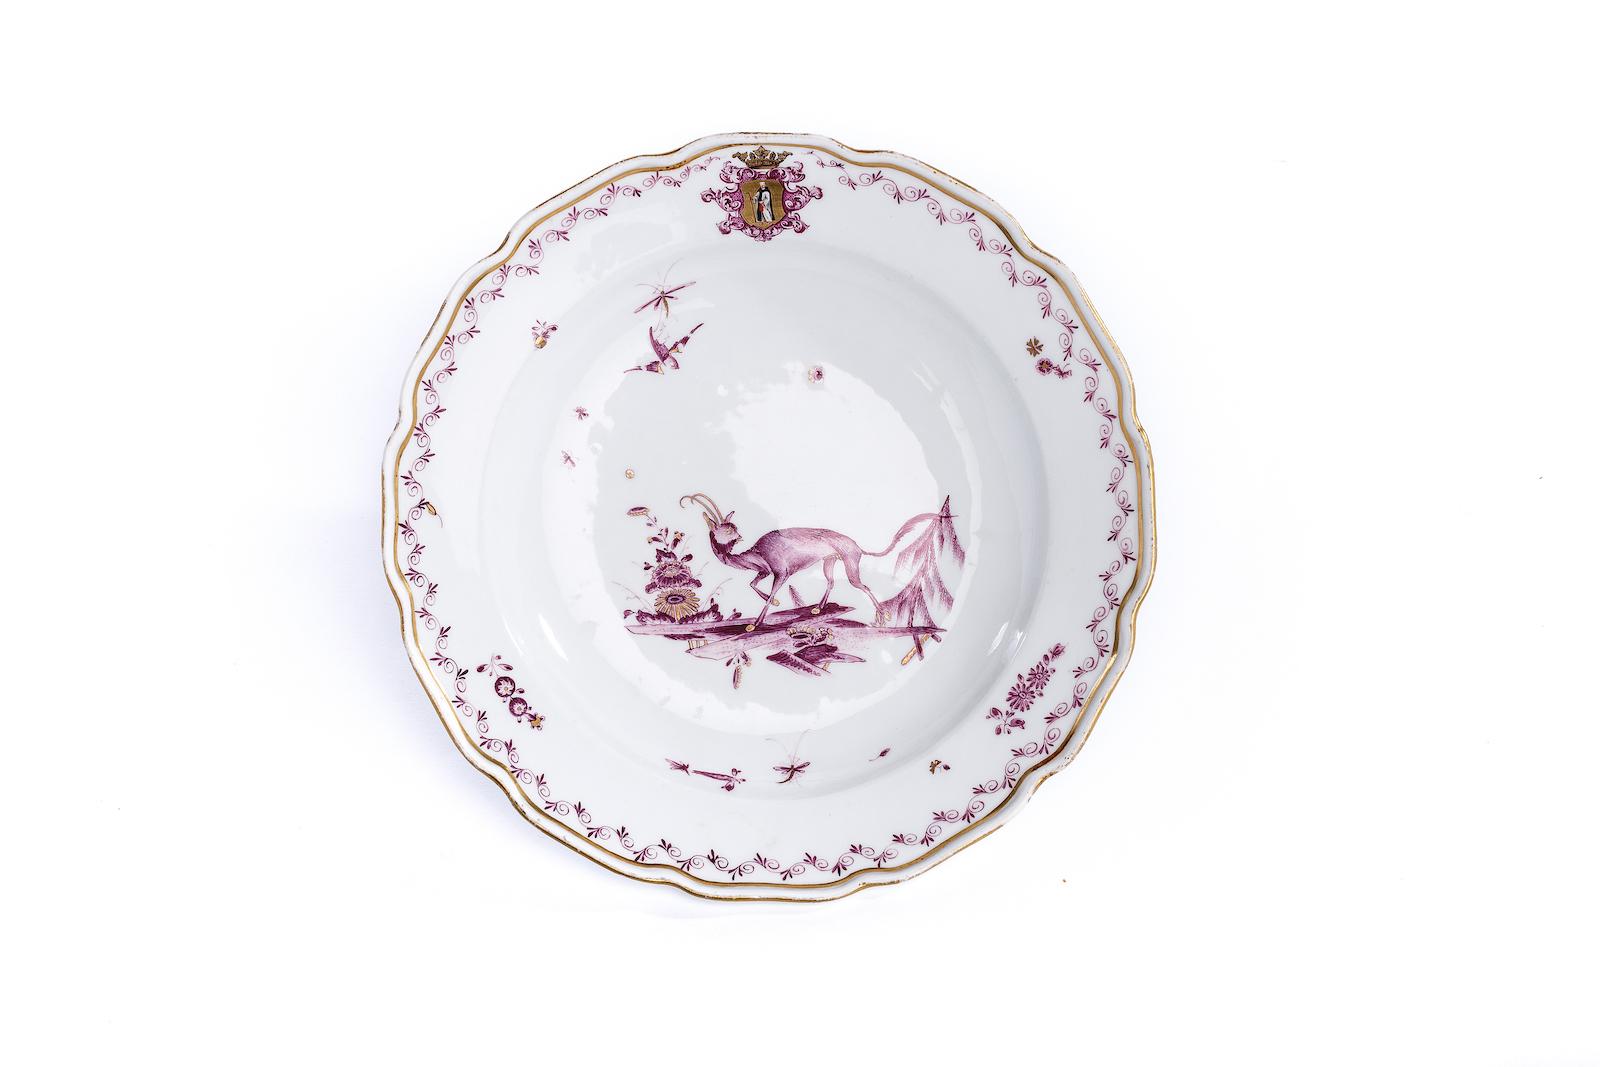 #14 Kleiner Teller, Adam Friedrich Löwenfinck, Meissen 1745 | A plate with a mythical creature, style by A. F. Löwenfinck, crossed swords mark, Meissen c. 1745 Image